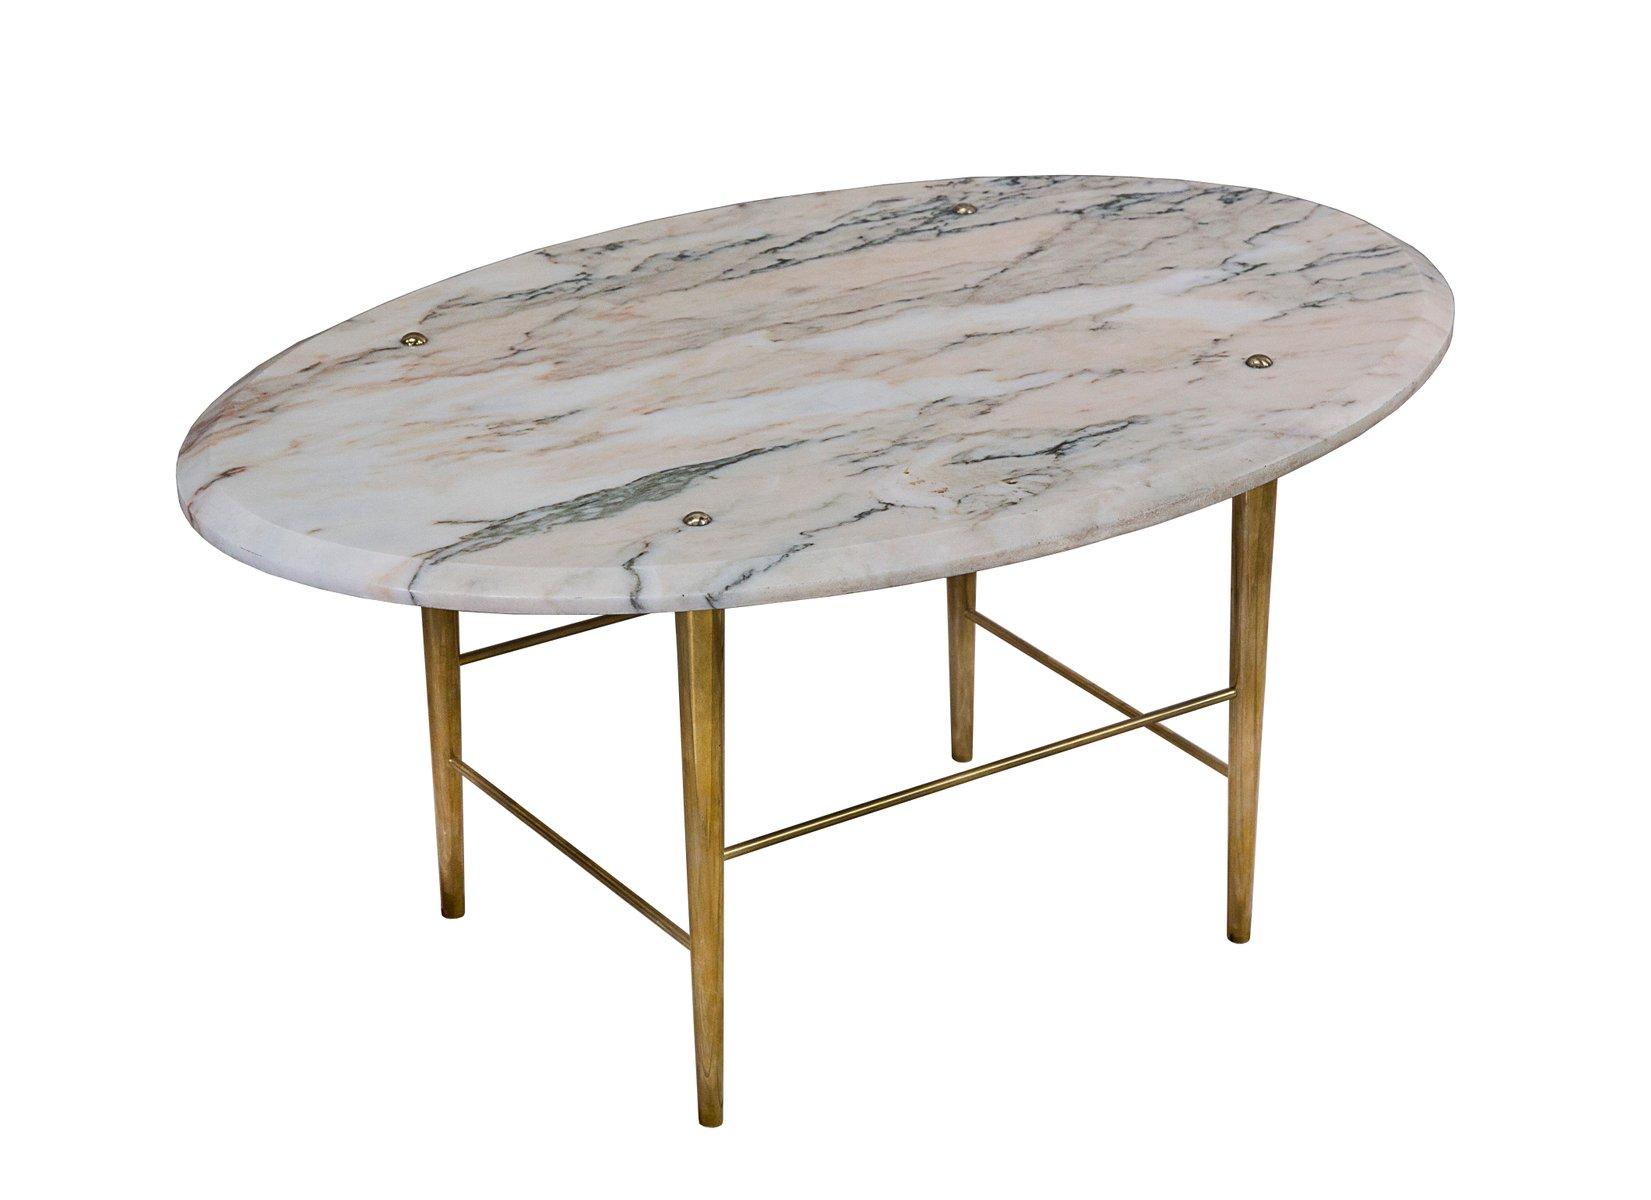 Stud couchtisch aus marmor messing von lind almond f r for Marmor couchtisch neu